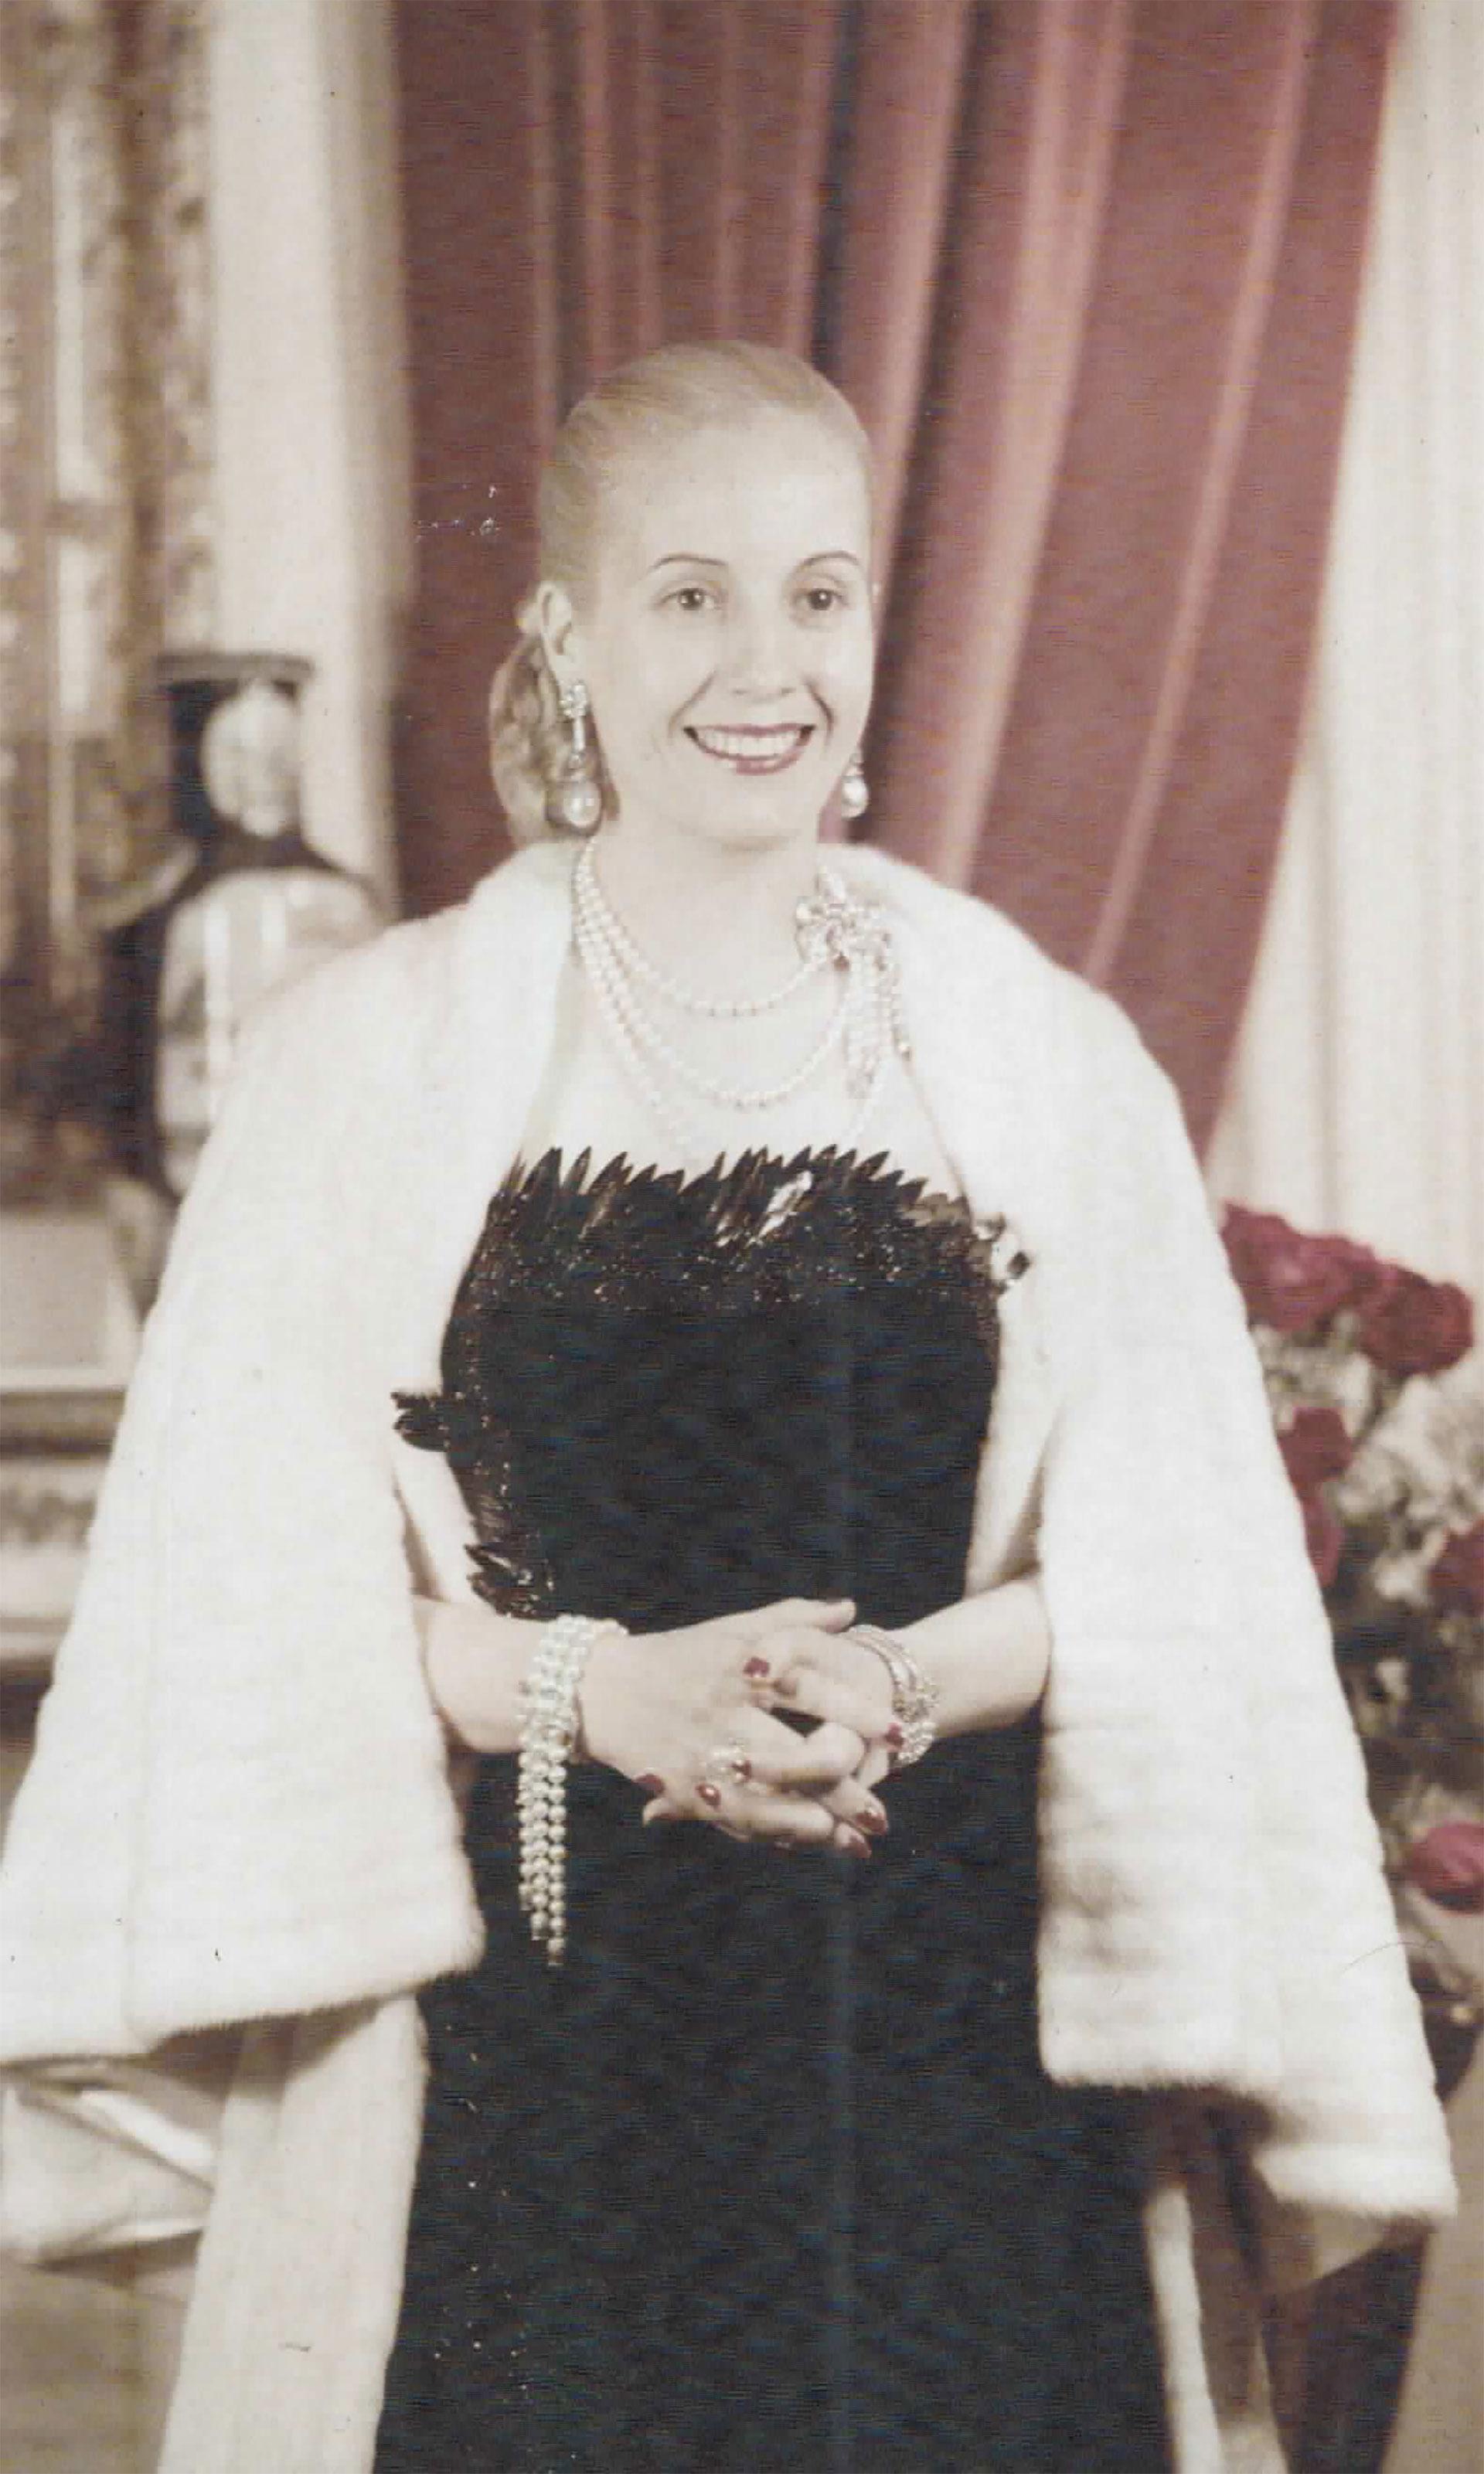 Otro de los tantos retratos que inmortalizan la belleza y la elegancia de Eva Perón